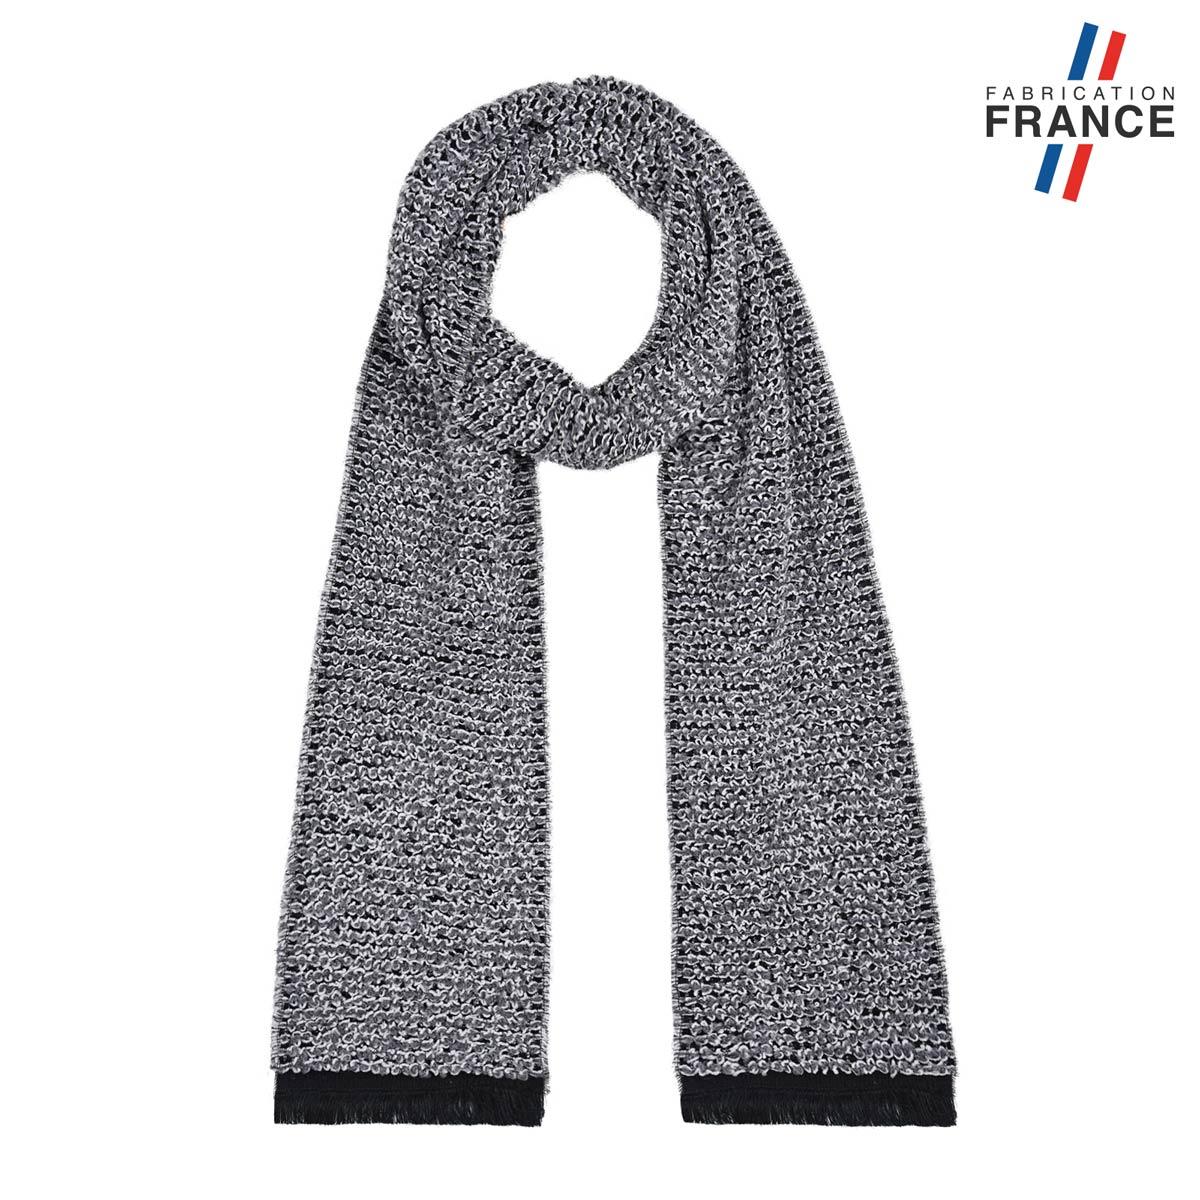 AT-05694_F12-1FR_Echarpe-femme-fabrication-france-gris